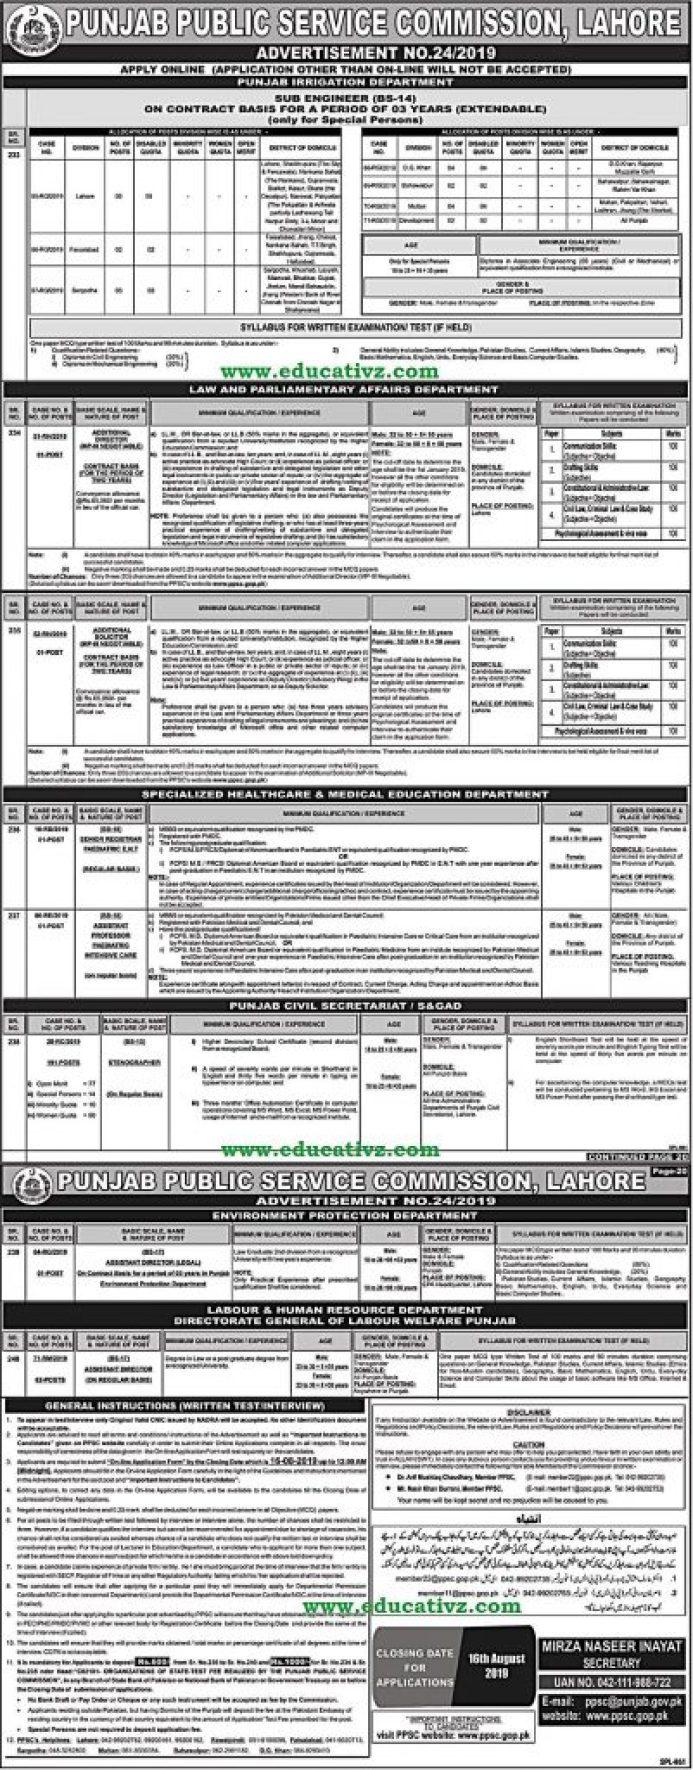 Jobs in PPSC 2019 Advertisement 24/2019